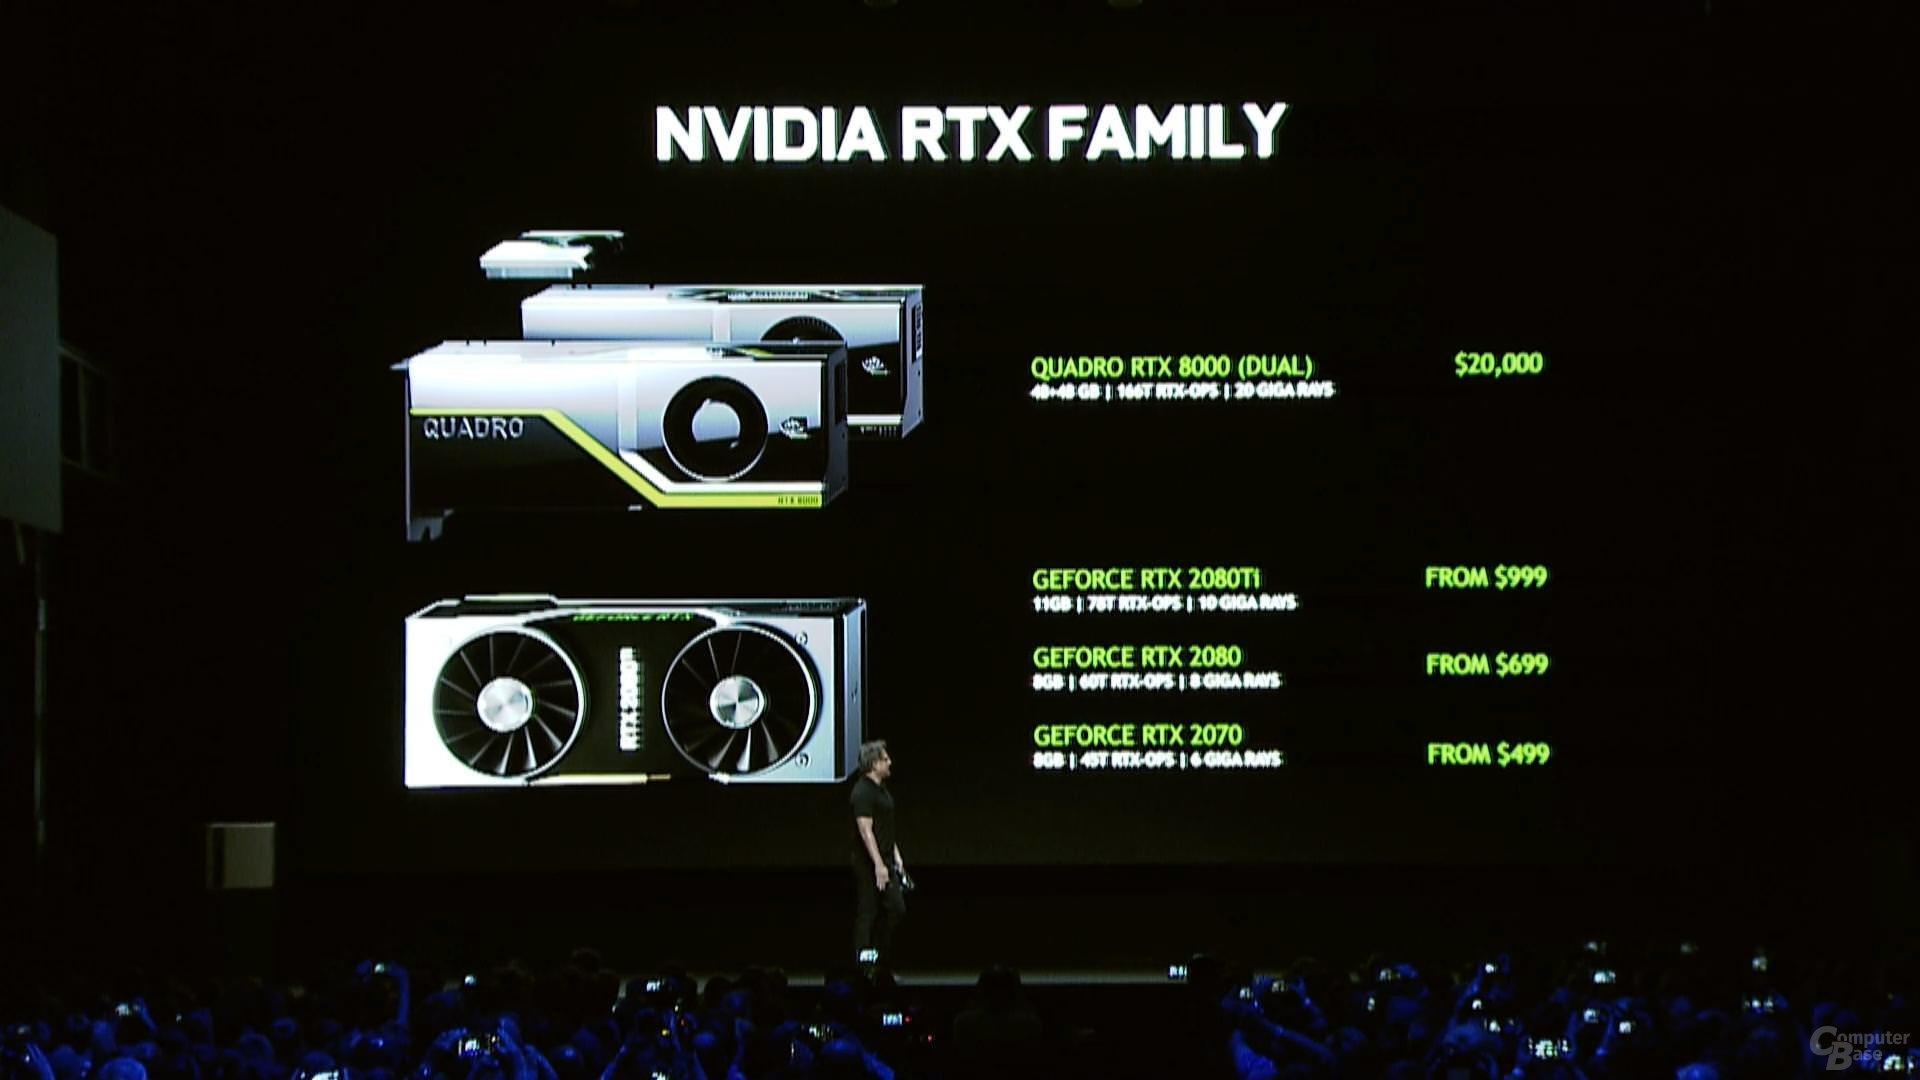 Preise der GeForce RTX 2070/2080/2080 Ti